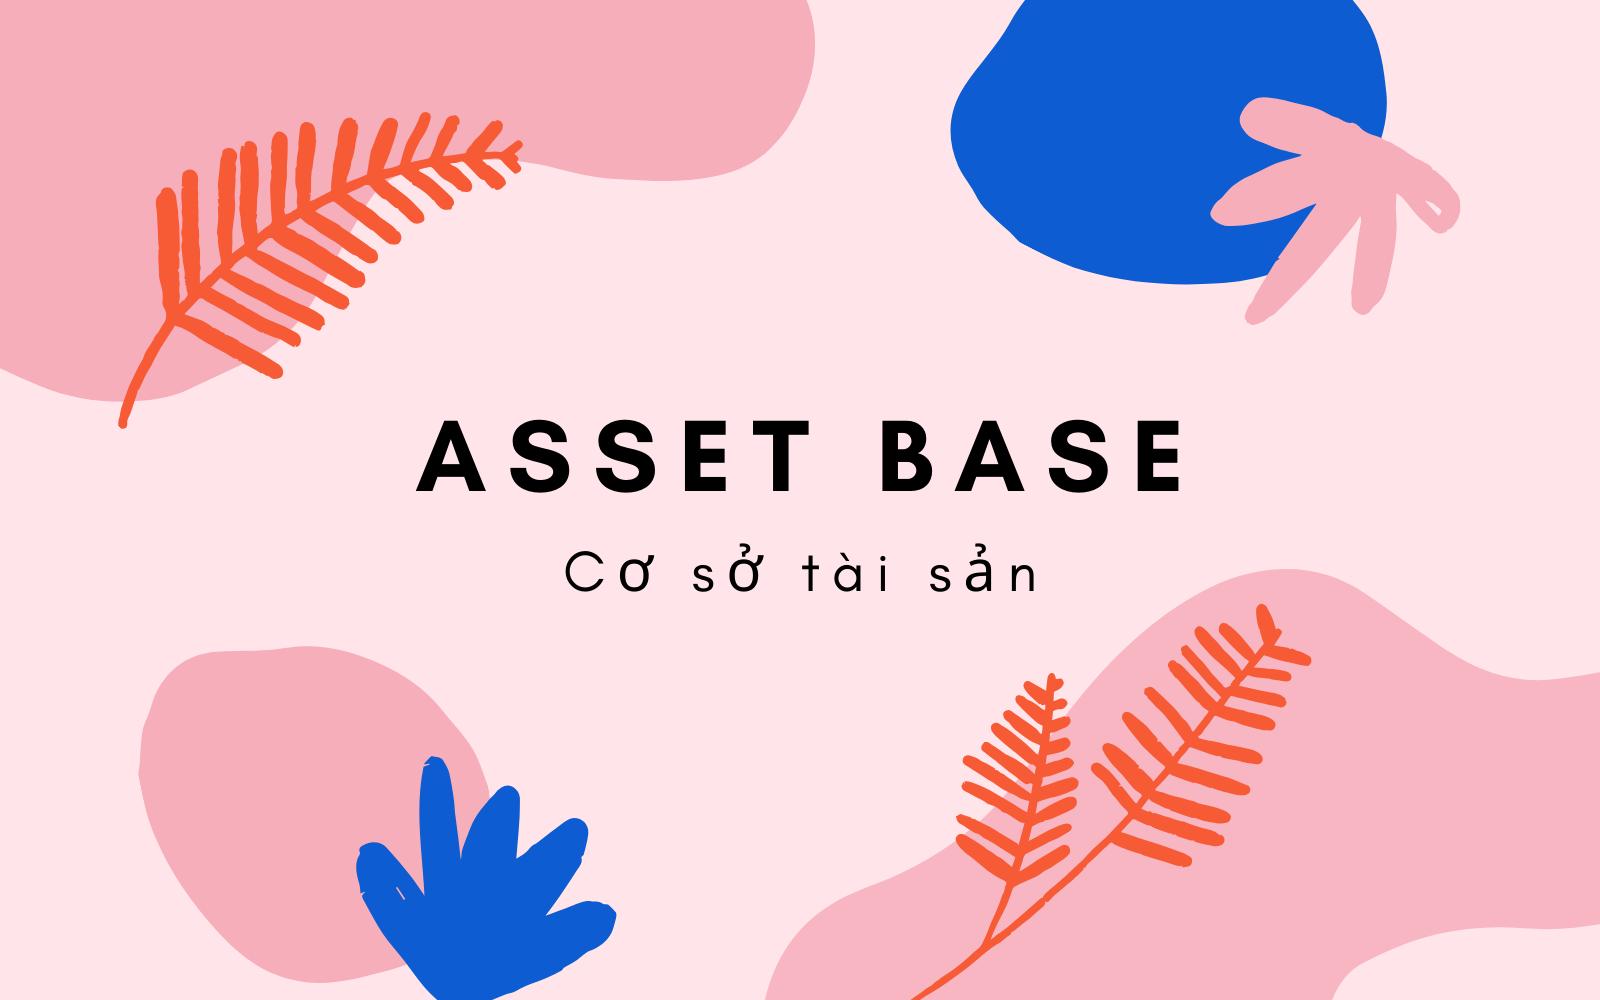 Cơ sở tài sản (Asset Base) là gì? Nội dung về Cơ sở tài sản - Ảnh 1.